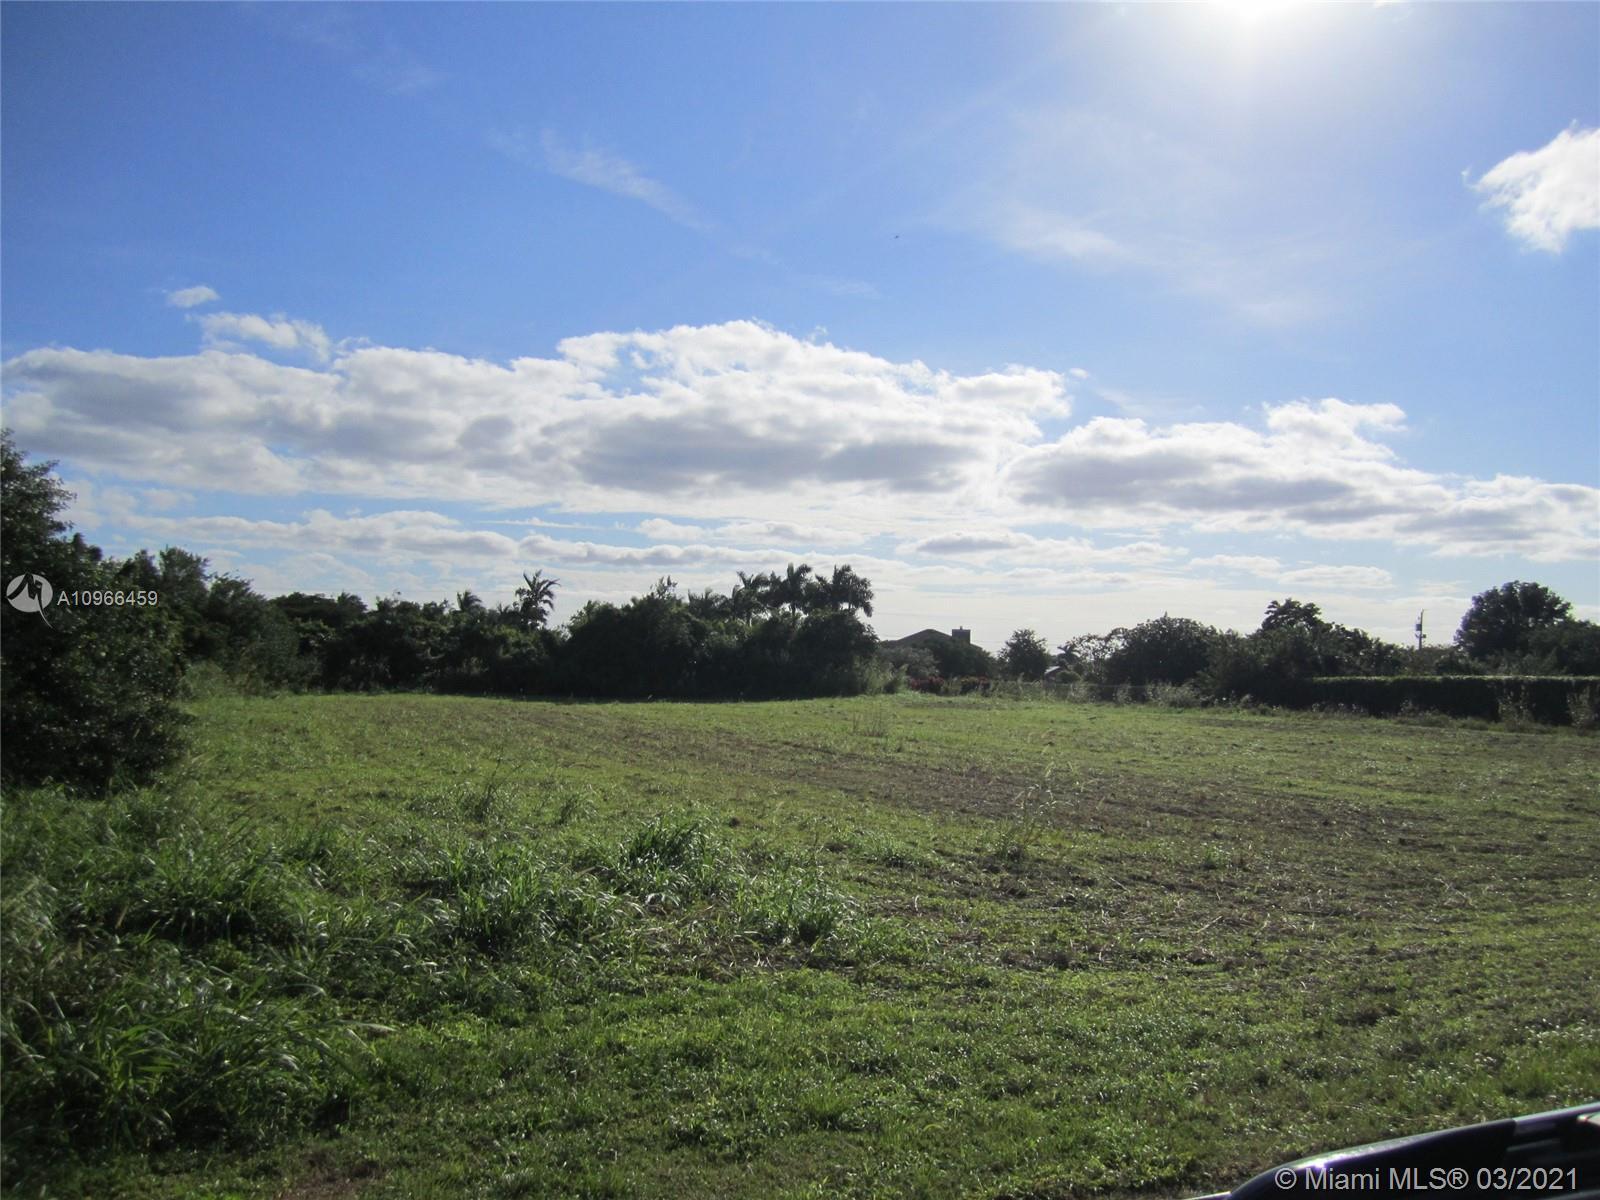 213xx Sw 240 St Property Photo